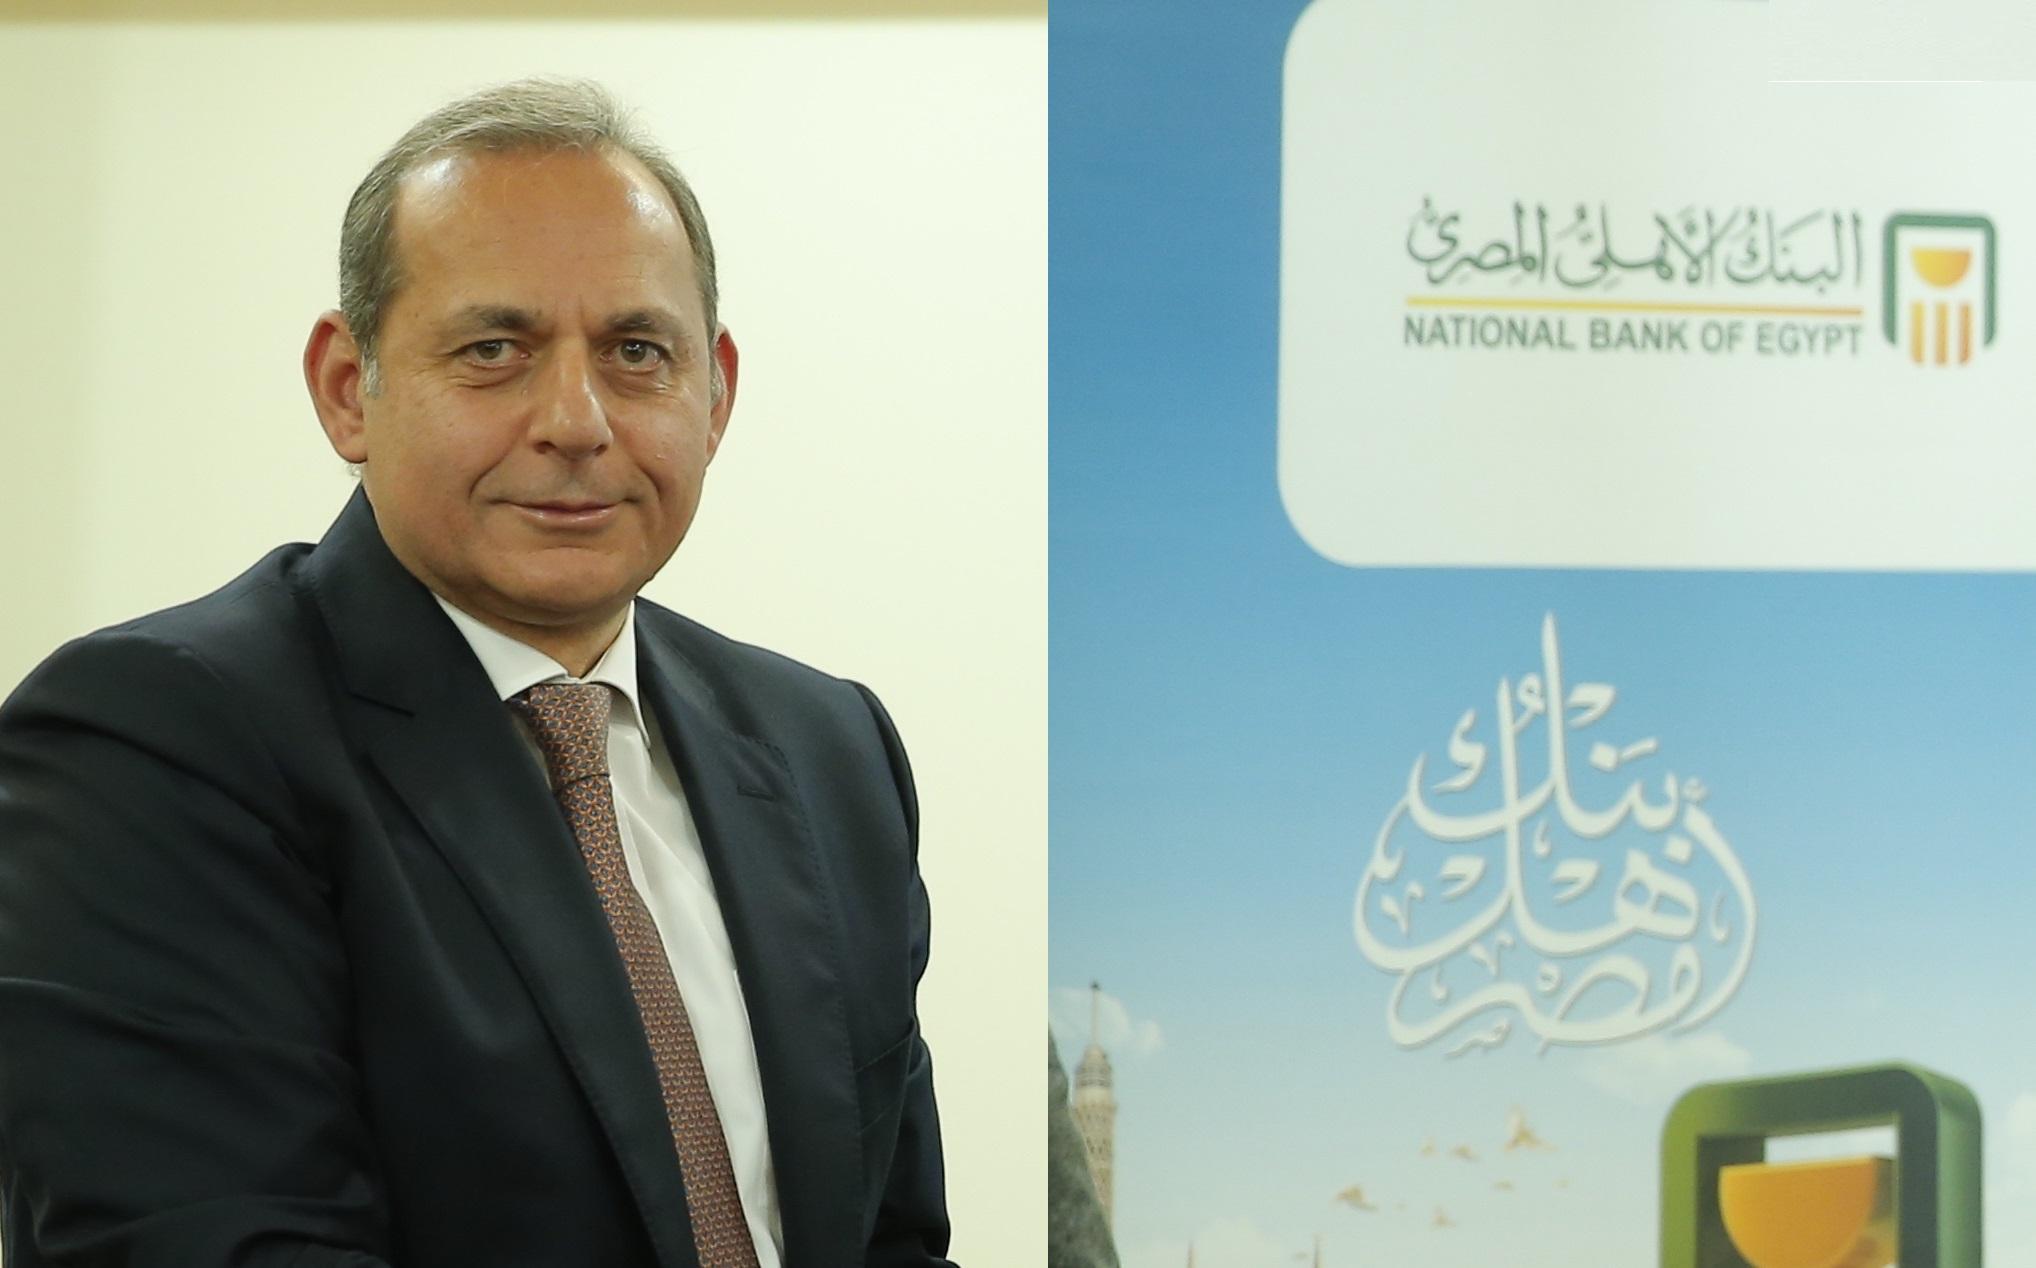 البنك الأهلي المصري توجيه ميزانية إعلانات رمضان التليفزيونية لدعم متضرري كورونا Economy Plus